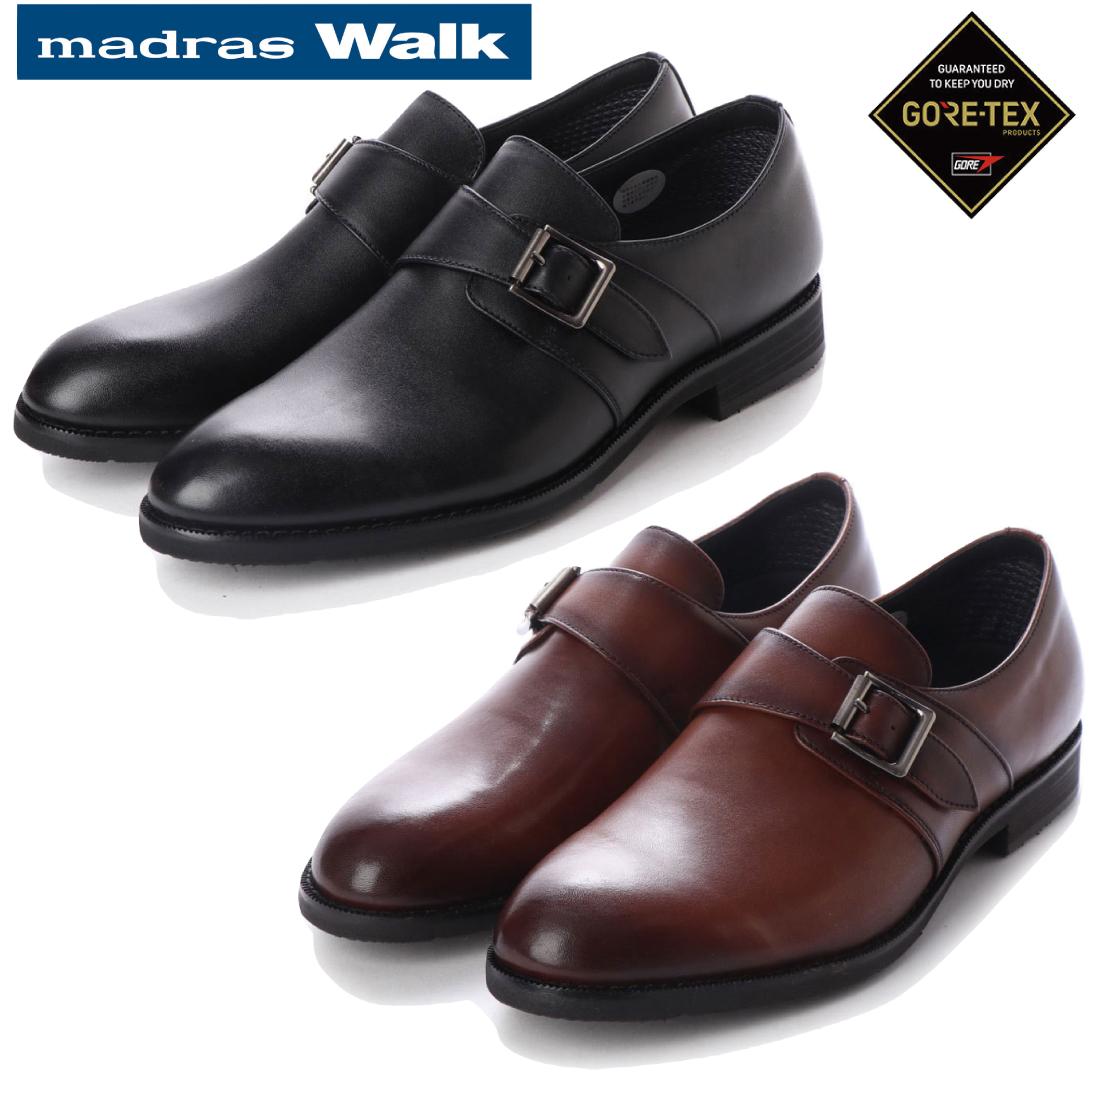 madras Walk マドラス モンクストラップ ビジネス シューズ ゴアテックス MW5908 【nesh】 【新品】